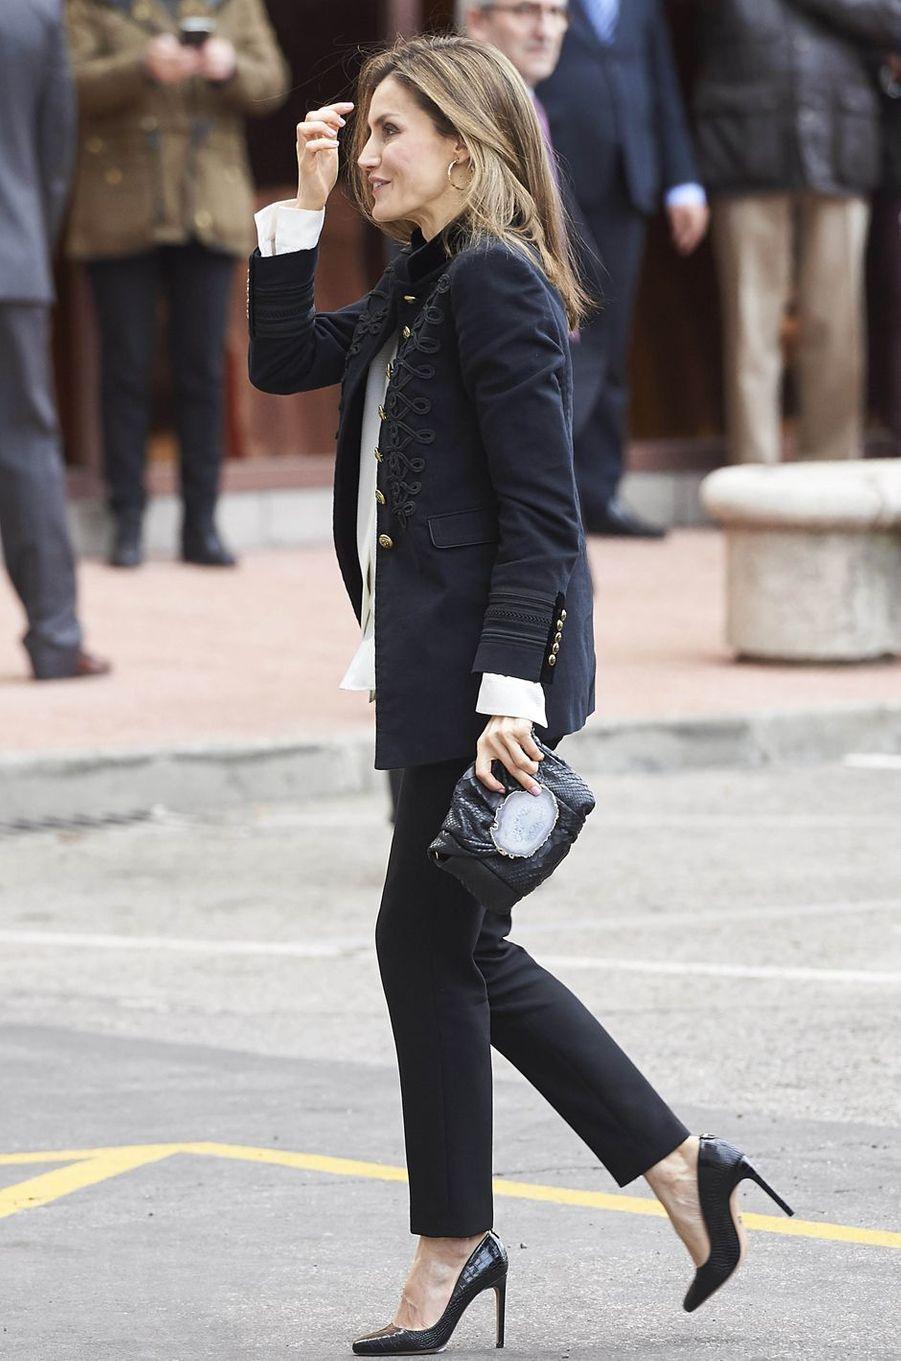 La reine Letizia d'Espagne avec une pochette noire Malababa ornée d'une tranche d'agate, le 28 février 2017